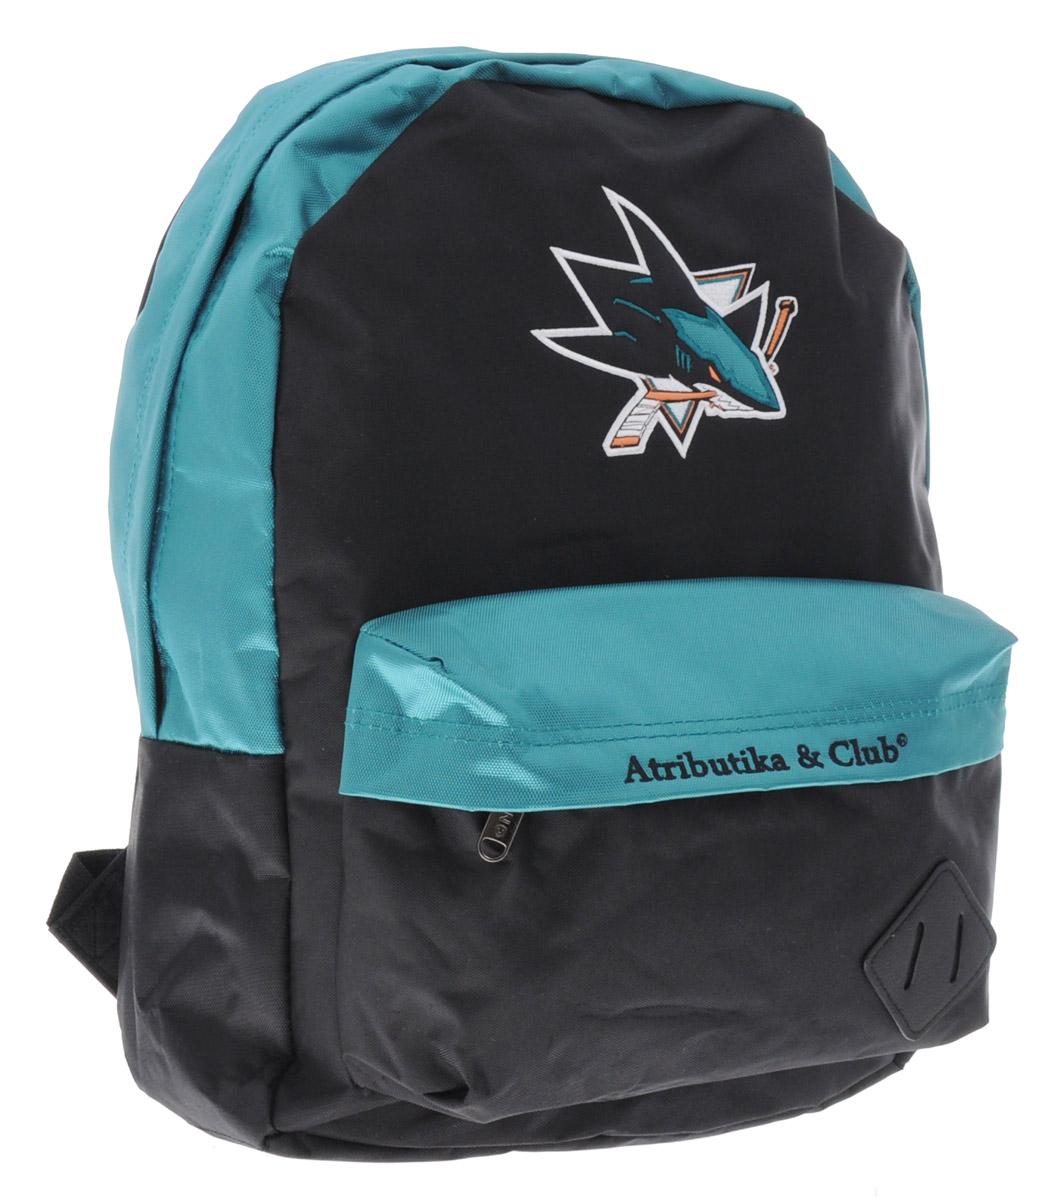 Рюкзак спортивный NHL SJ Sharks, цвет: черный, бирюзовый, 18 л58043Спортивный рюкзак NHL SJ Sharks выполнен из высококачественного полиэстера. Изделие имеет одно основное отделение, которое закрывается на застежку- молнию двумя бегунками. Спереди расположен большой нашивной карман на застежке-молнии, внутри которого находятся один накладной карман, небольшой карман на молнии и четыре маленьких кармашка для мелочей без застежек. Лямки оснащены специальными фиксаторами длины. Лицевую часть рюкзака украшает логотип хоккейного клуба SJ Sharks.